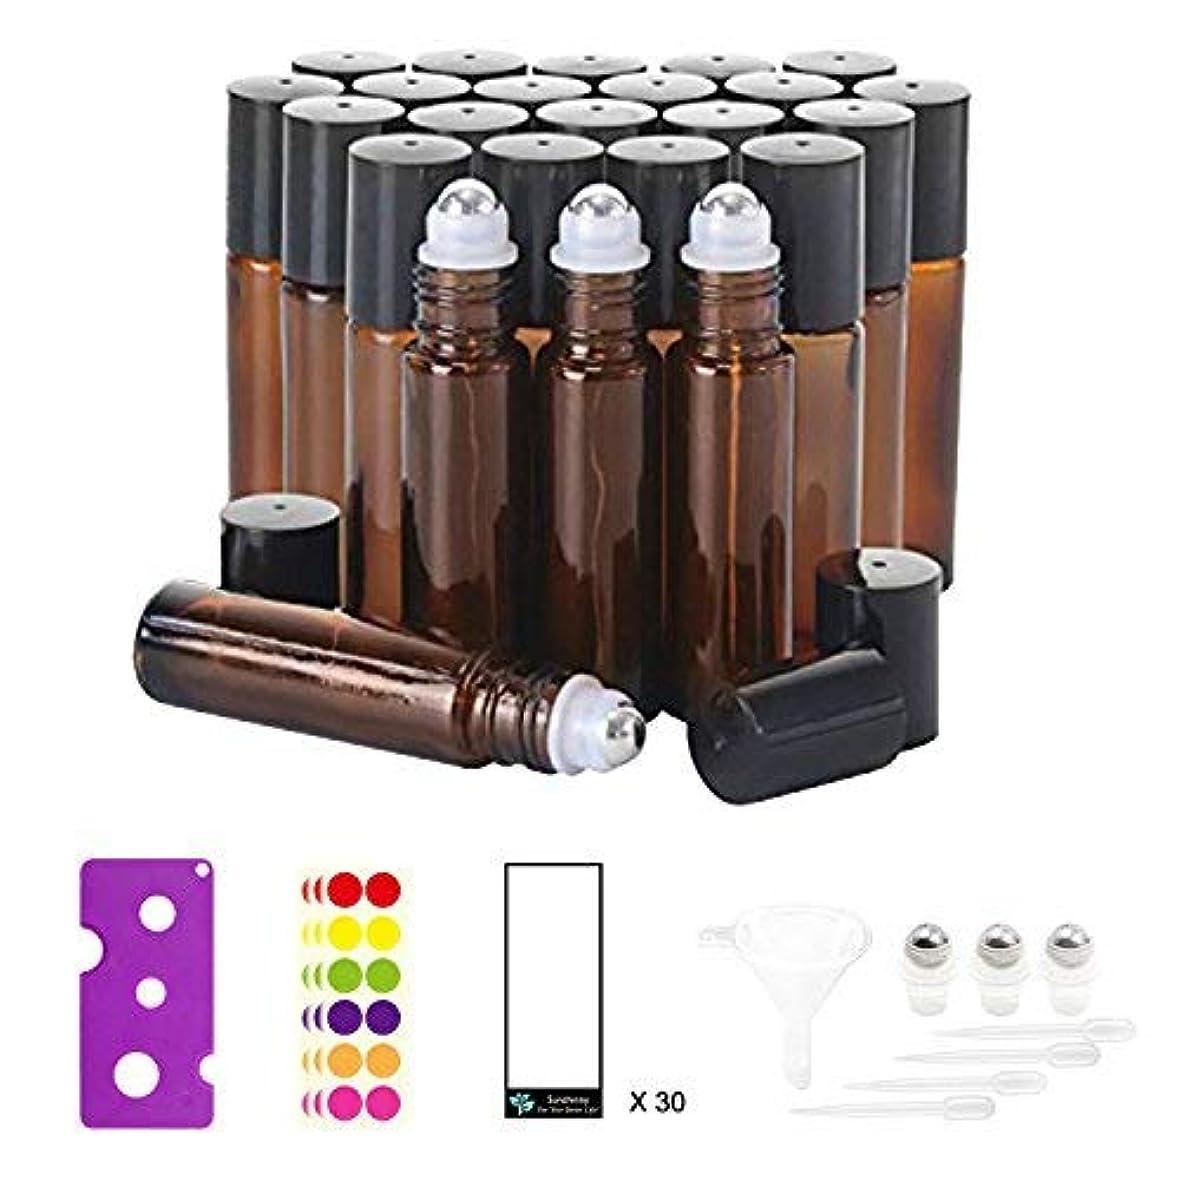 発行見捨てる消費者24, 10 ml Glass Roller Bottles for Essential Oils - Amber, with Stainless Steel Roller Balls (3 Extra Roller Balls...